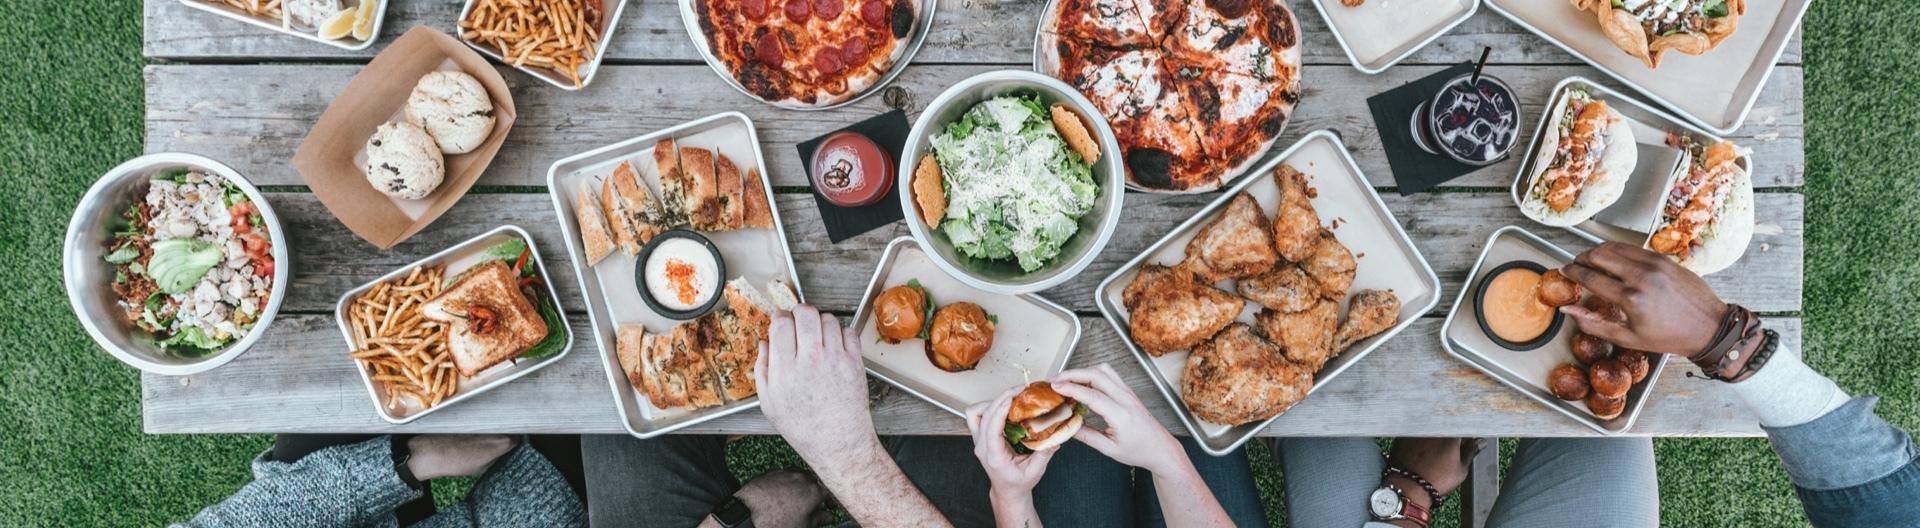 Langer Tisch auf dem Pizza, Burger, Pommes und weiteres Fastfood stehen und Leute sich bedienen